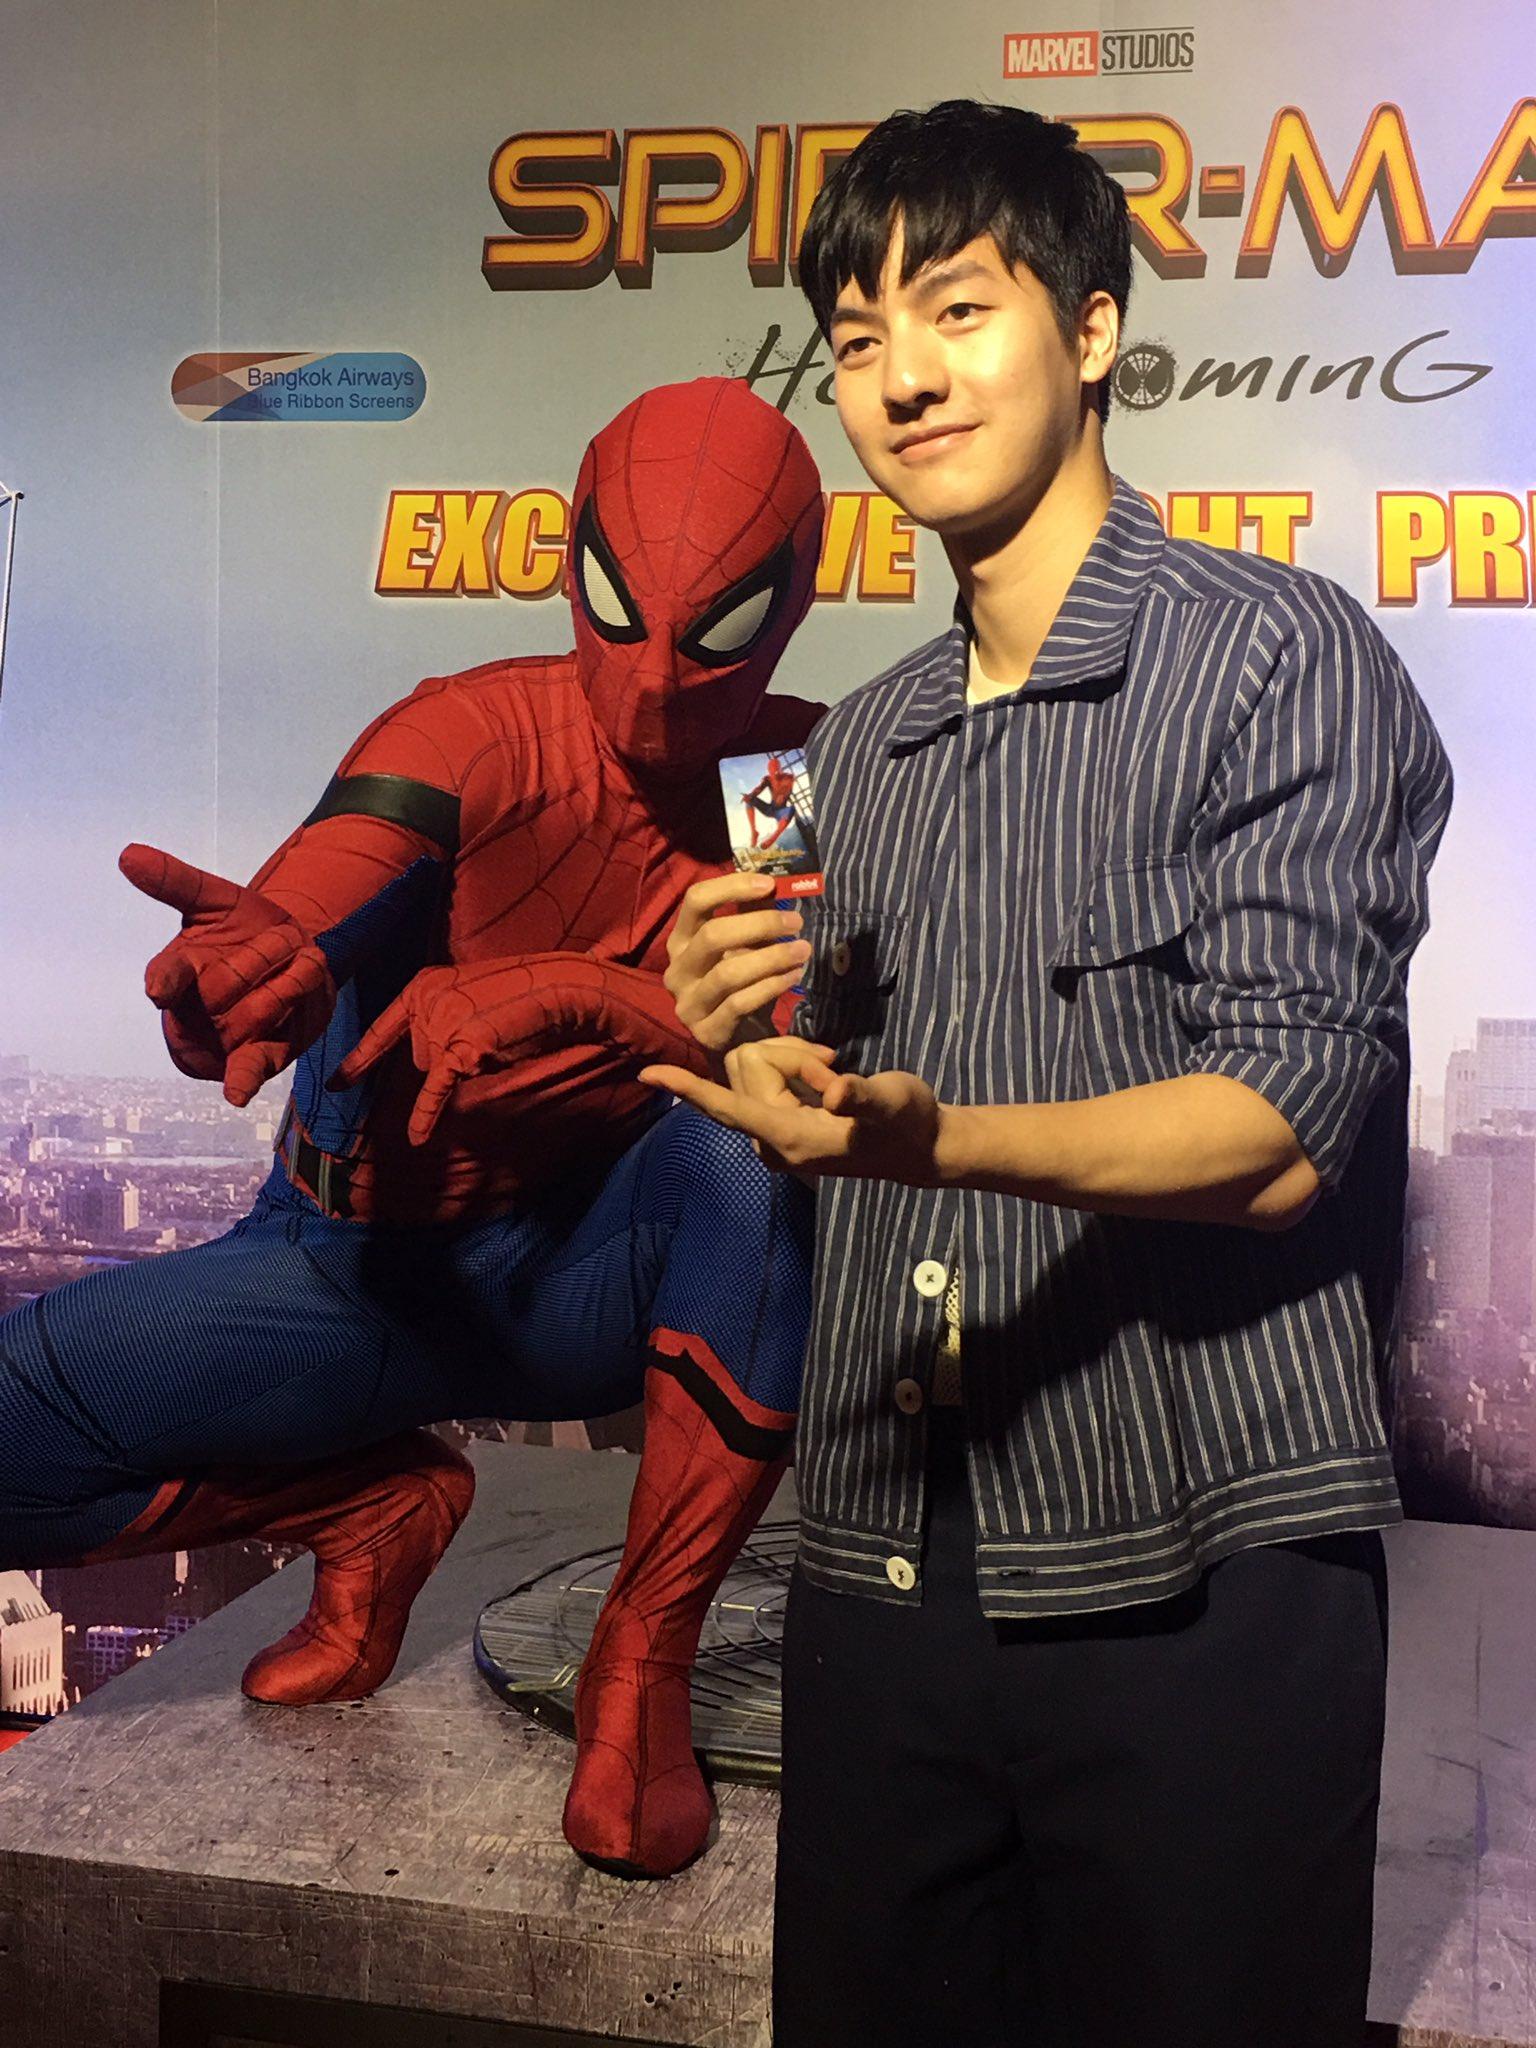 คุณแก๊ปปปป #kittiGap   #conversationthailand #SpiderManHomecomingth https://t.co/RB16tgTx8i